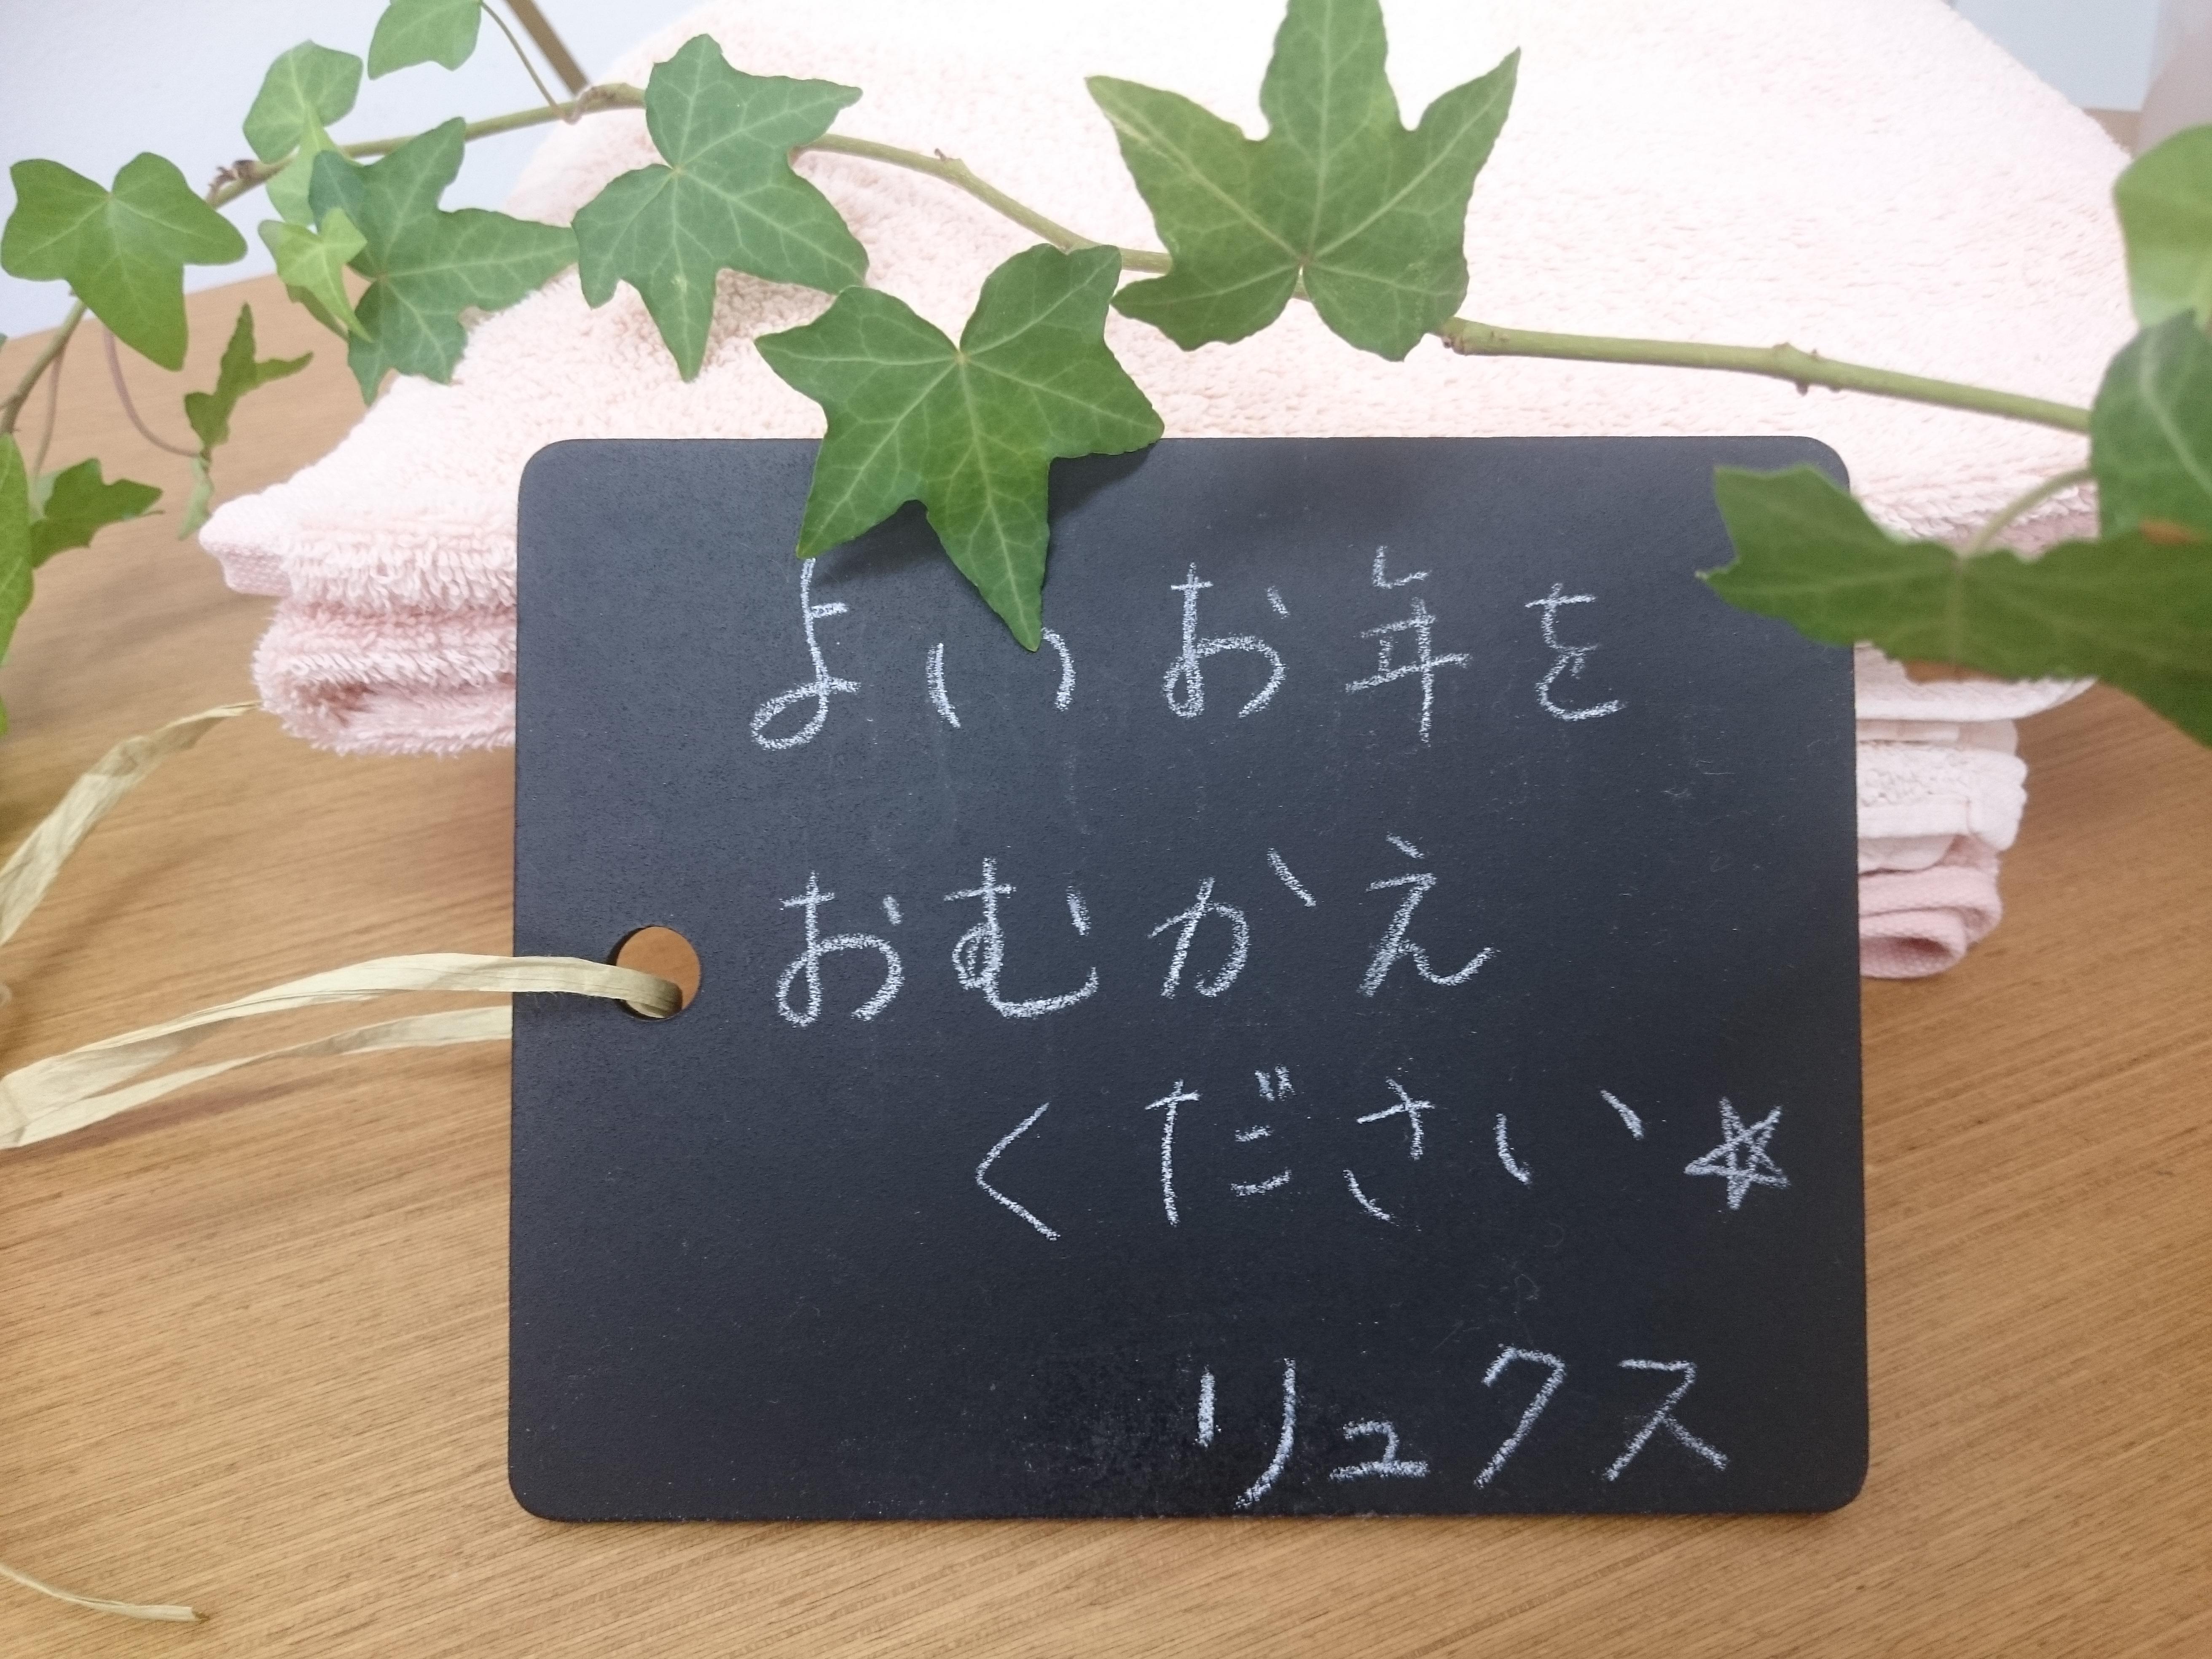 16-12-29-12-03-19-749_photo